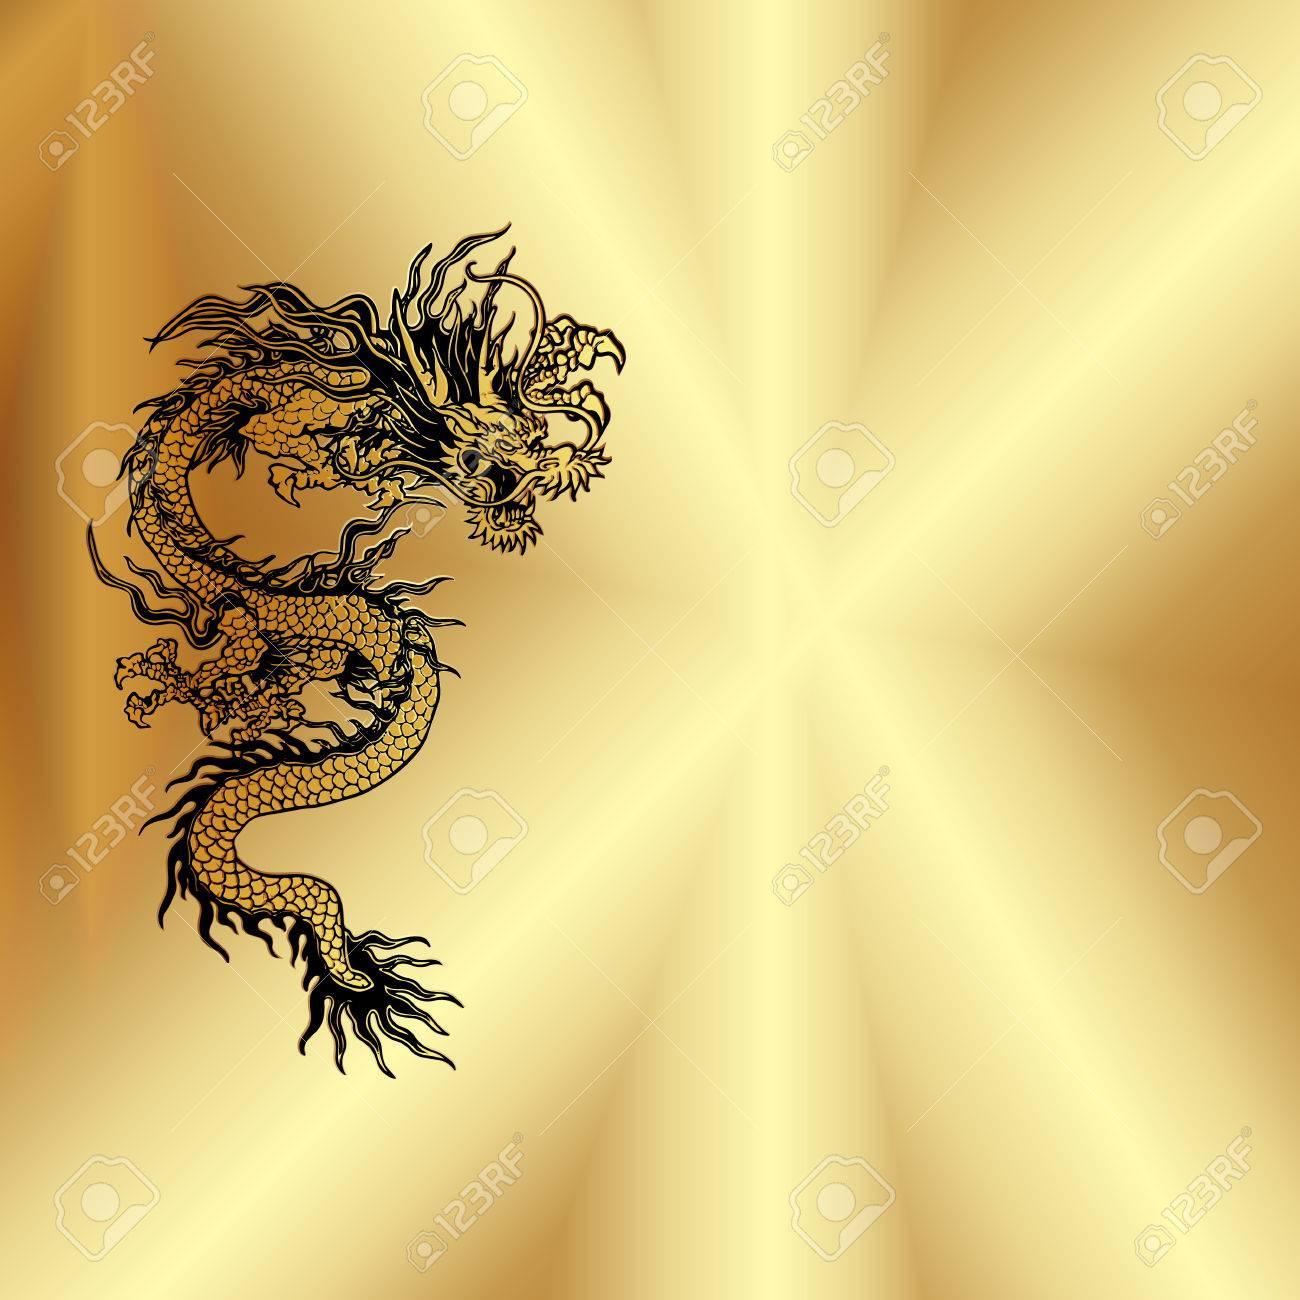 Vector Gold Hintergrund Platte Mit Einem Chinesischen Drachen, Gibt ...